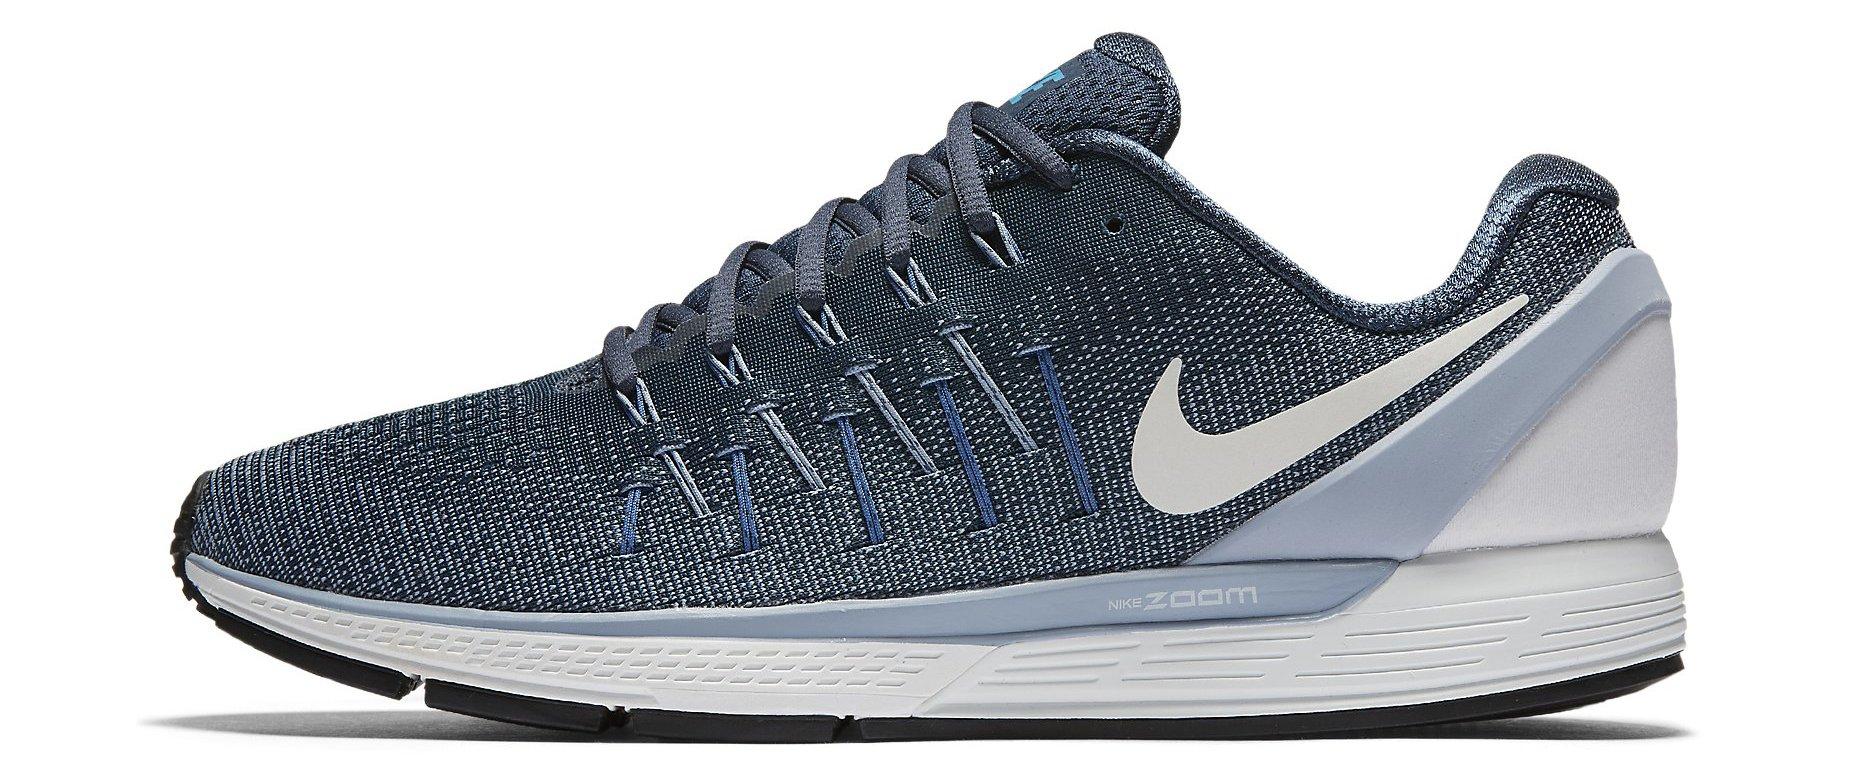 Běžecká obuv Nike Air Zoom Odyssey 2